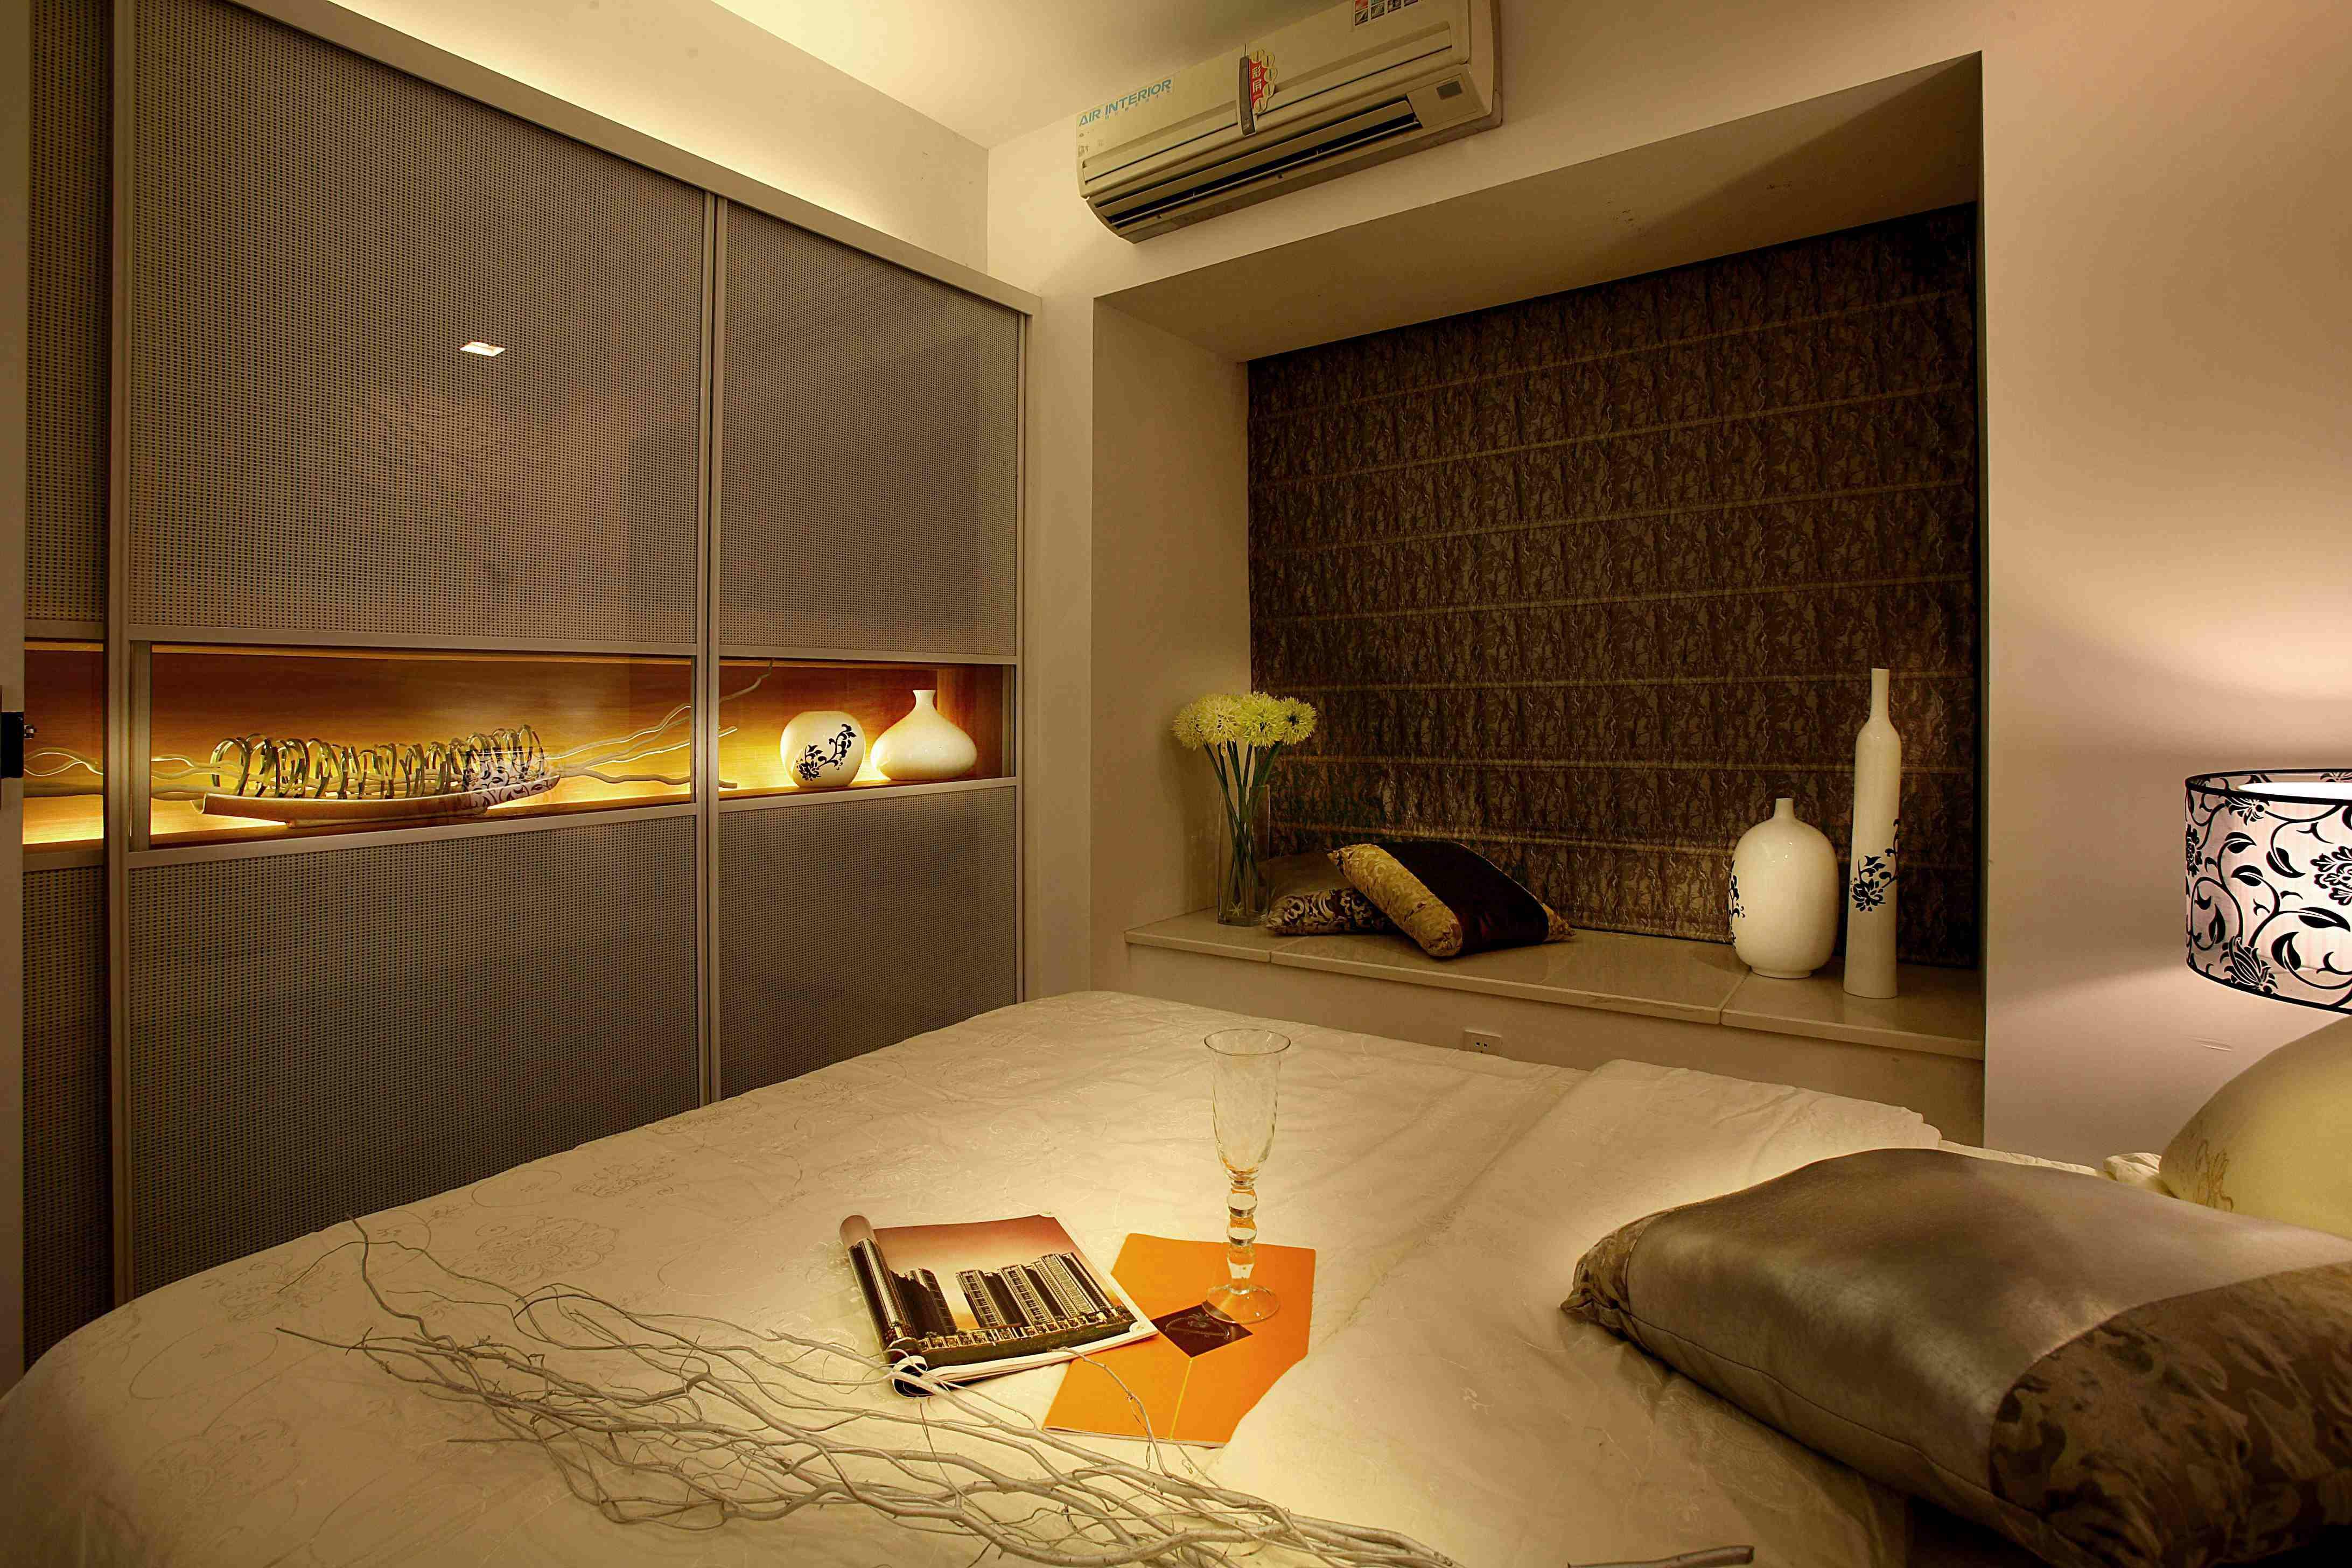 卧室飘窗设计效果图大全图片装修效果图